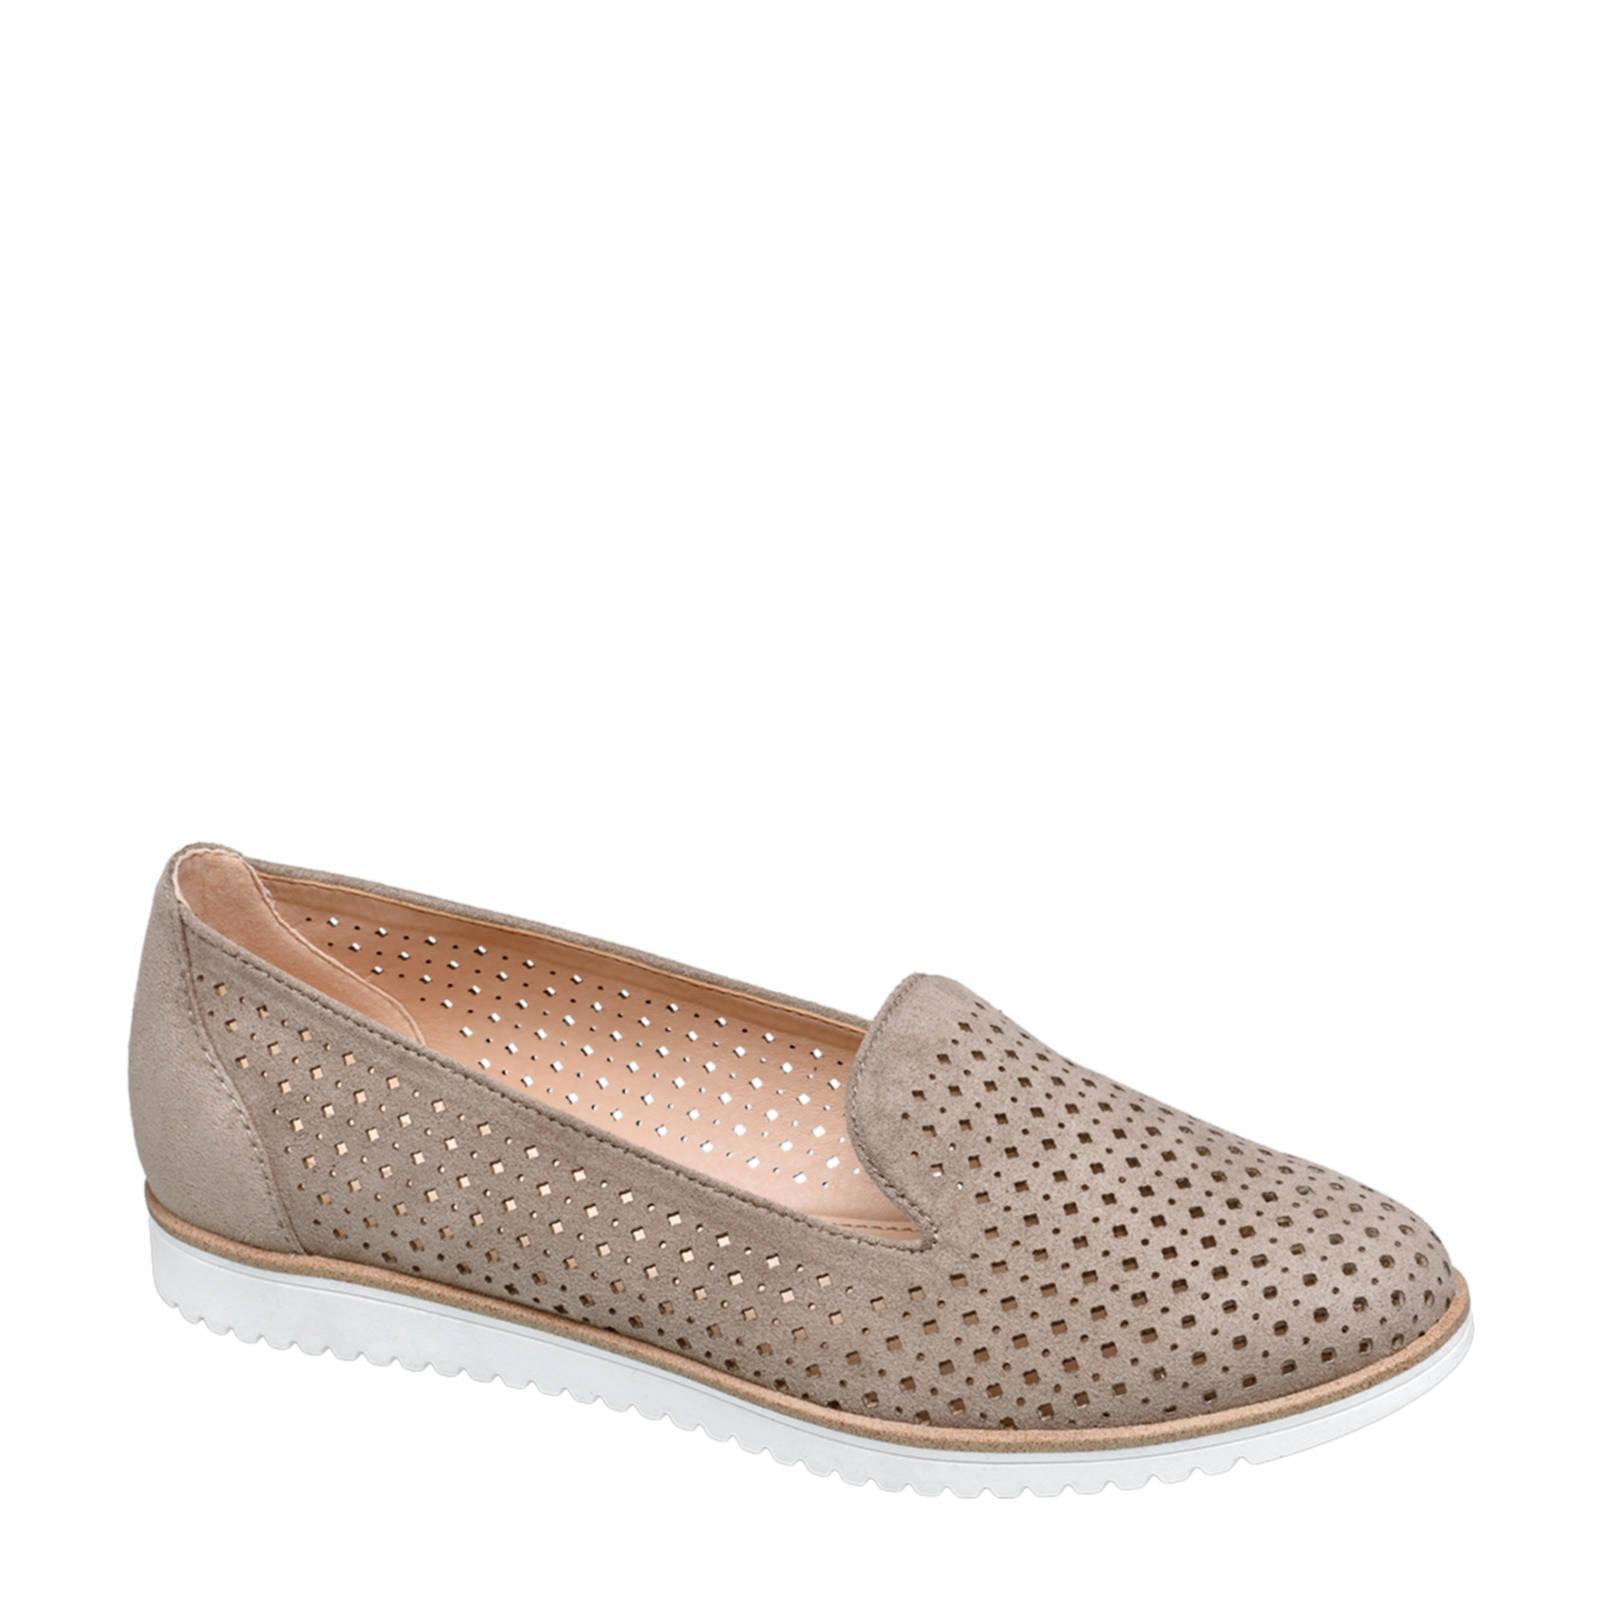 Dames Graceland Sneakers online kopen? Vergelijk op Schoenen.nl